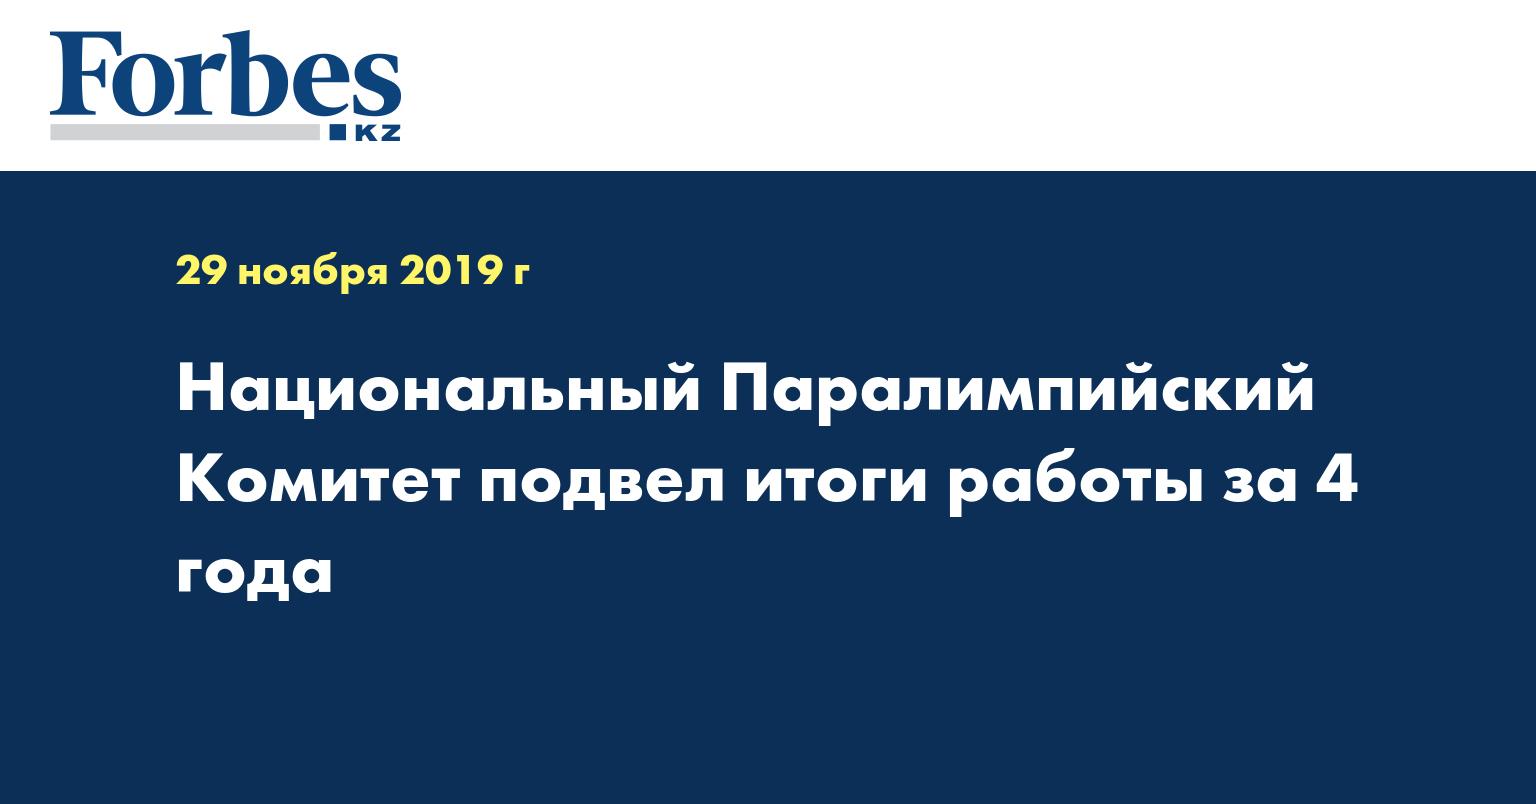 Национальный паралимпийский комитет подвёл итоги работы за 4 года